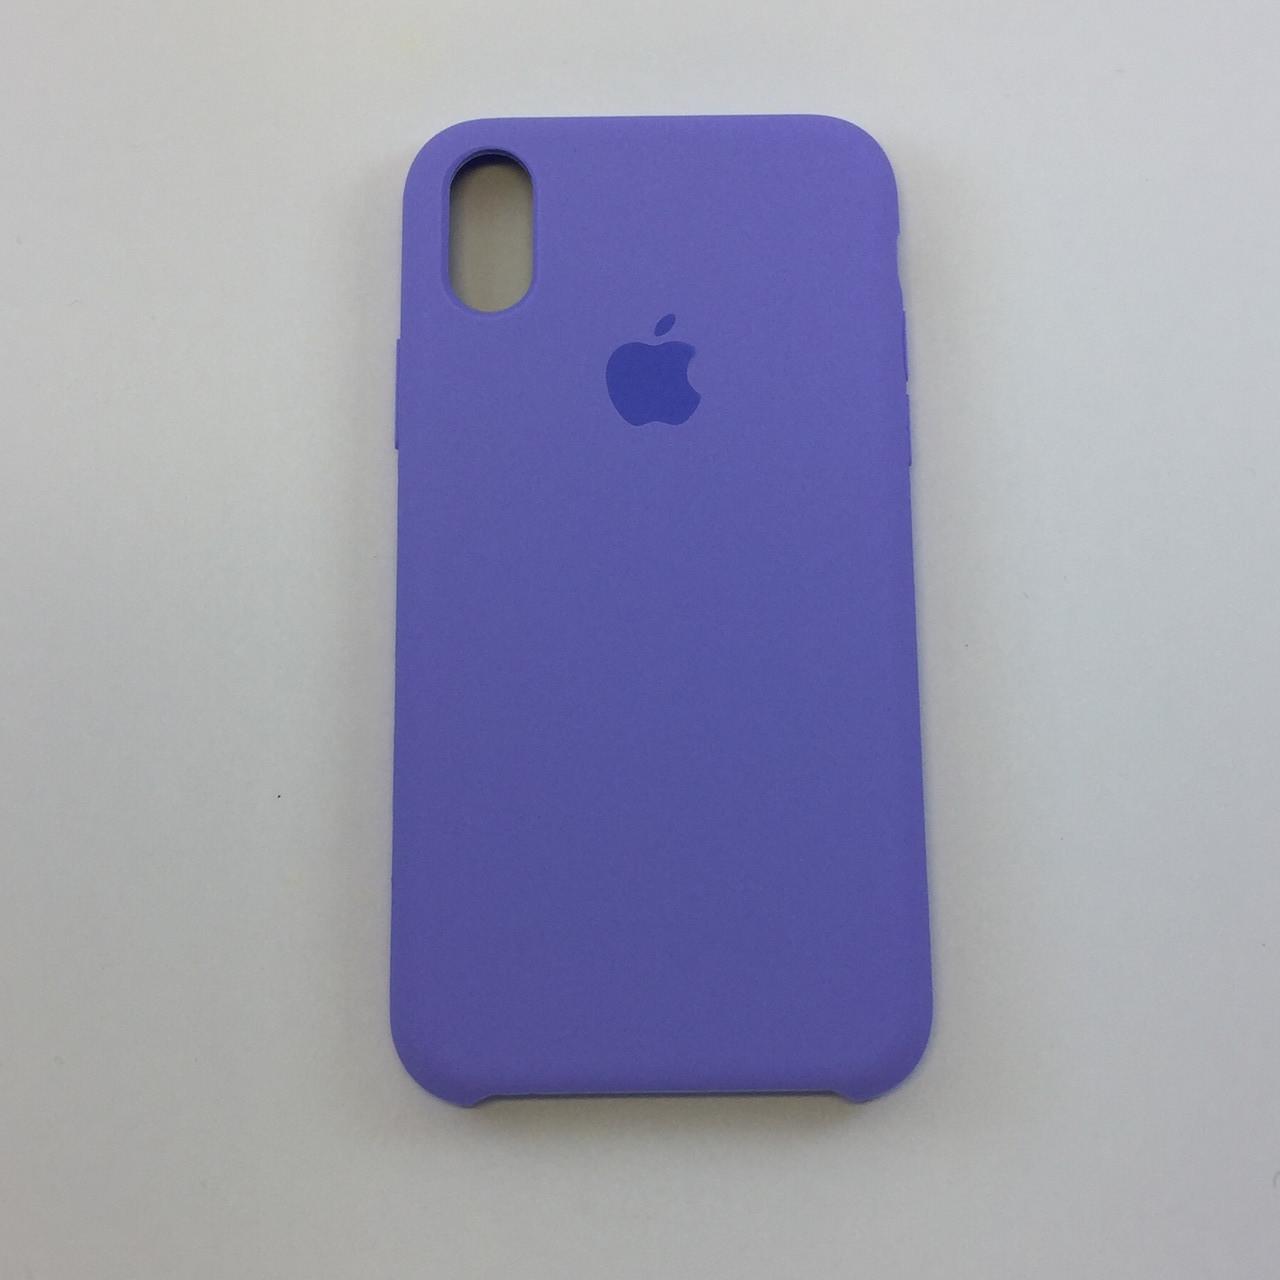 Силиконовый чехол iPhone Xs Max, сирень, copy original